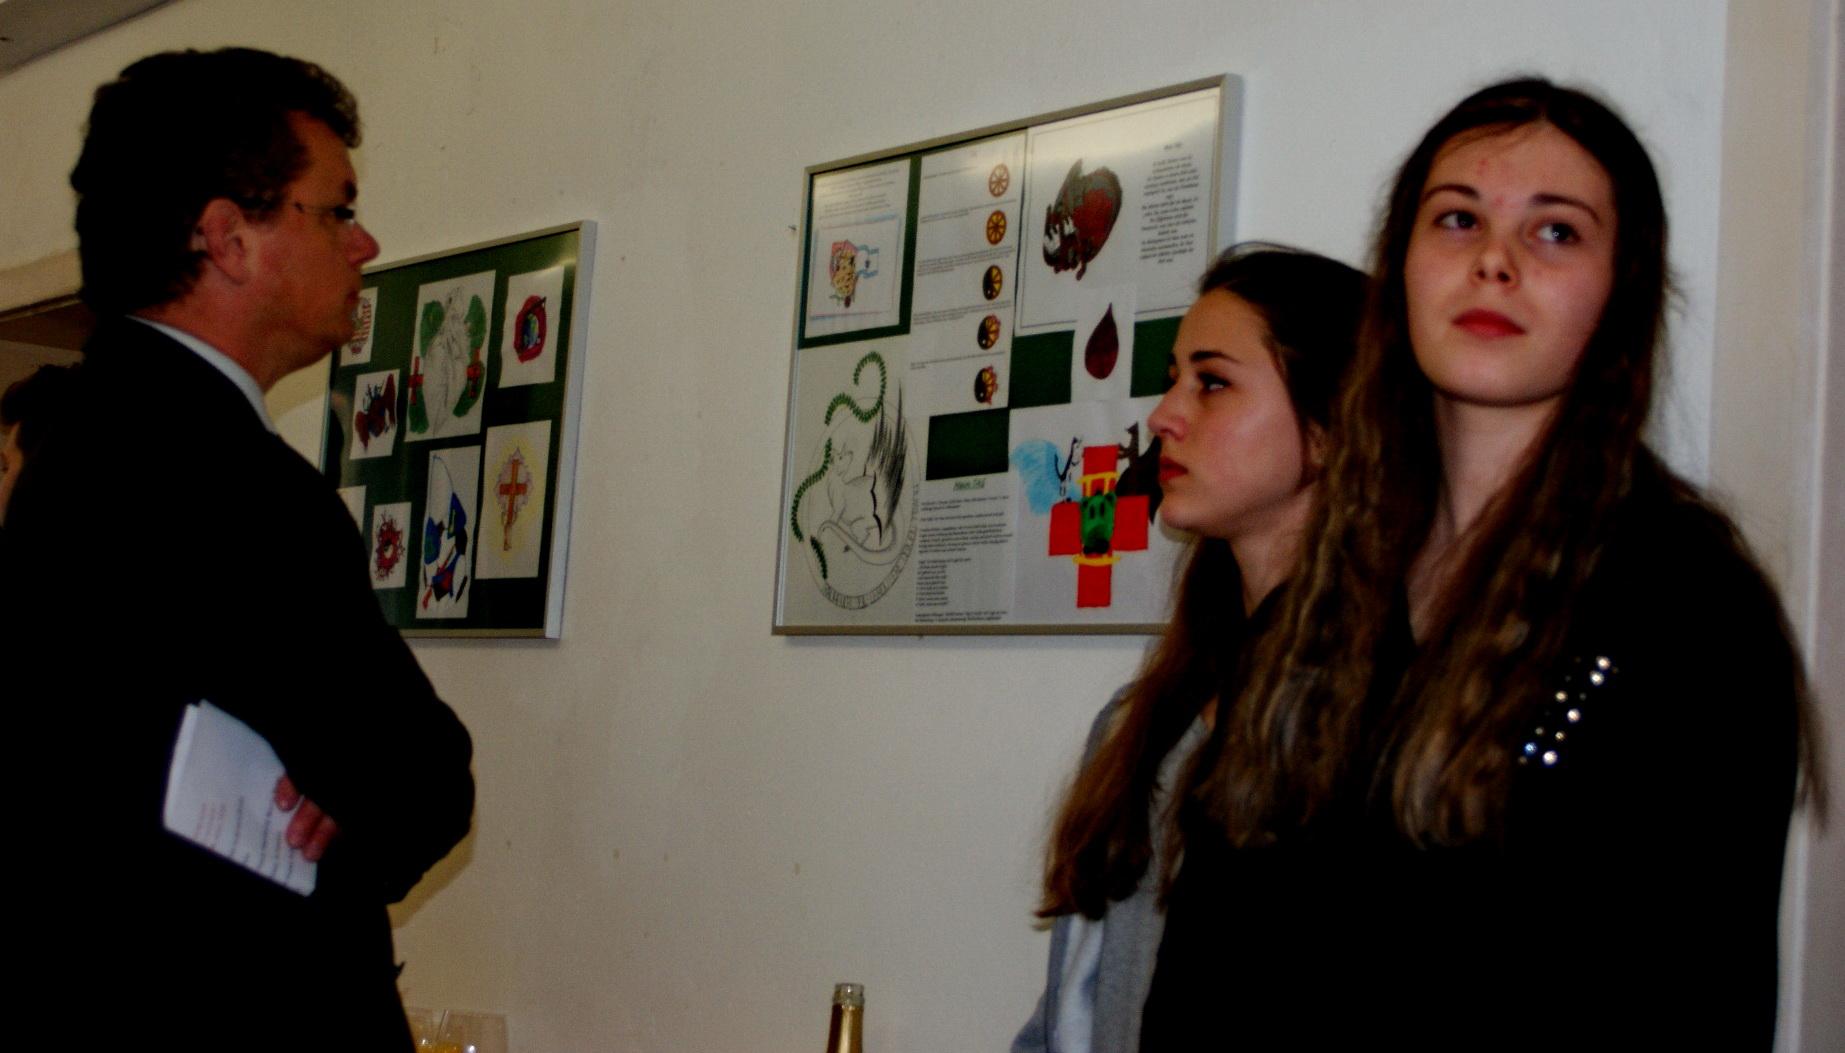 Bürgermeister Martin Birner nimmt die Schülerarbeiten in Augenschein. Fotos: Alfred Grassmann